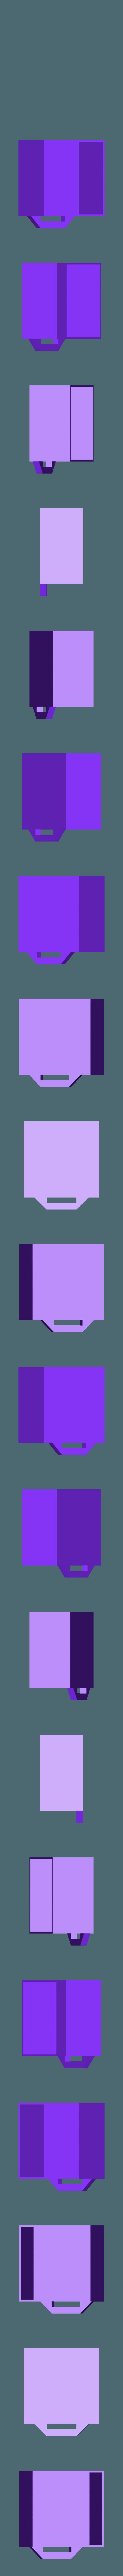 drawer_10x6.stl Télécharger fichier STL gratuit Support de système de stockage multi-box • Modèle pour imprimante 3D, vmi